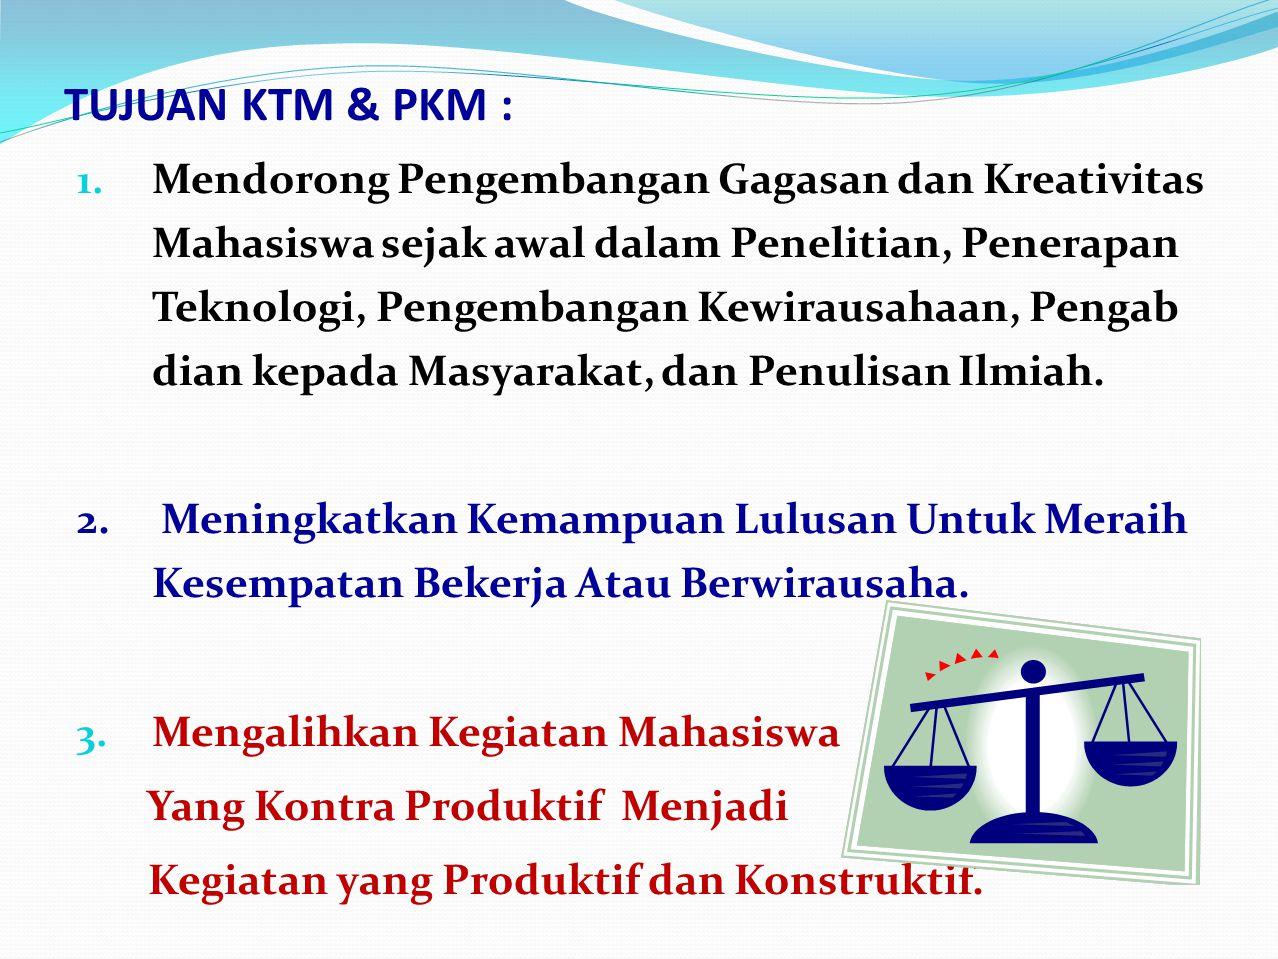 TUJUAN KTM & PKM :